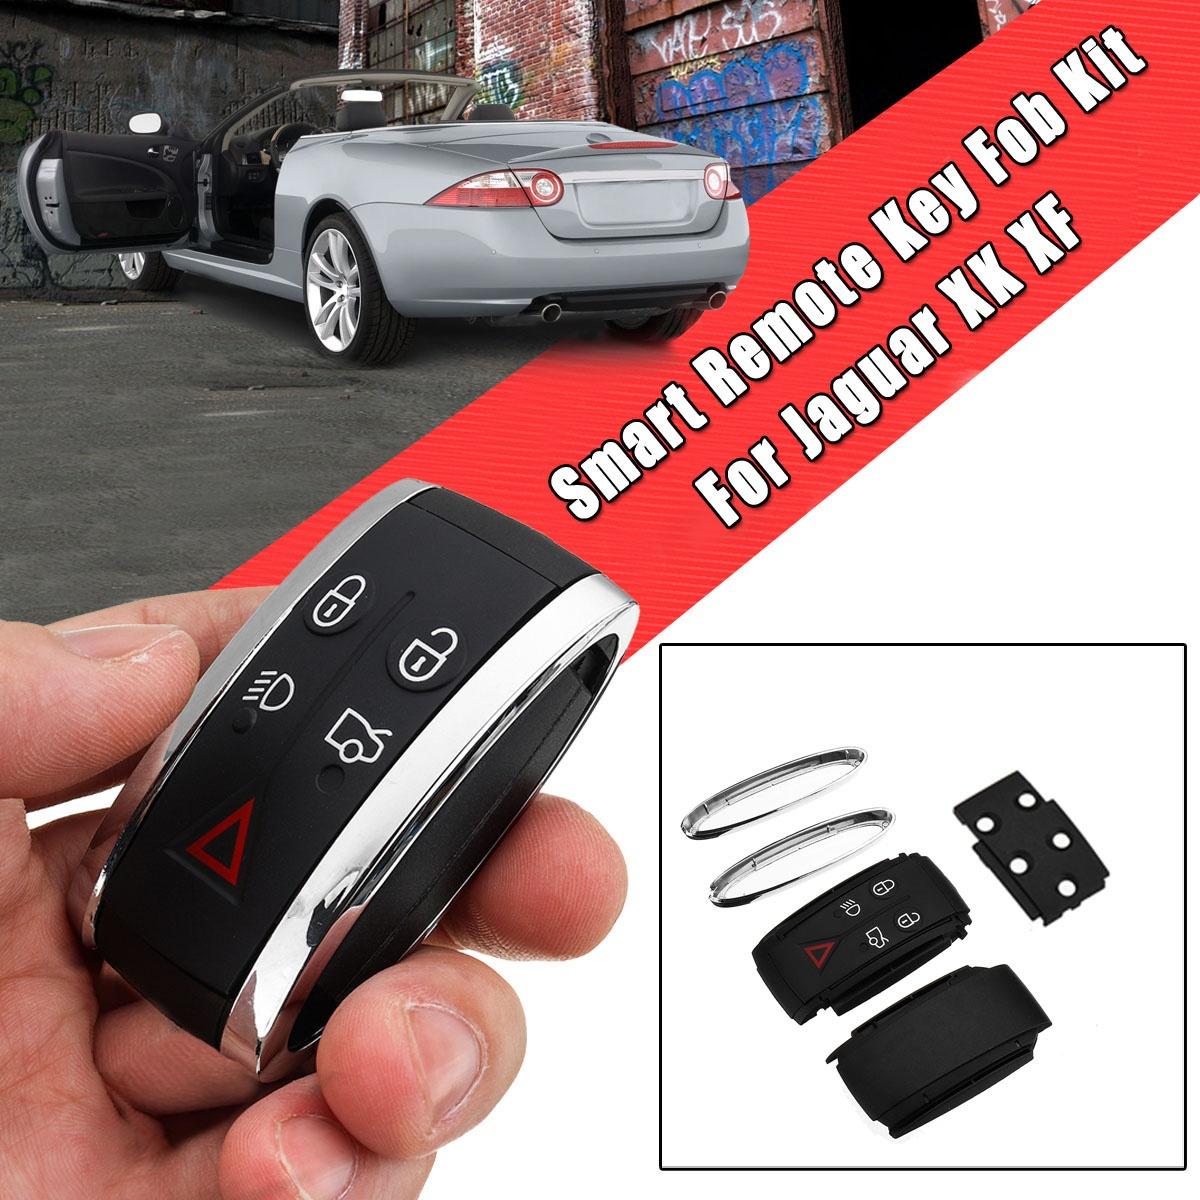 SGerste Remote Key Fob Chrome Trim Kit For Jaguar XF /& XK /& XKR #C2P15136